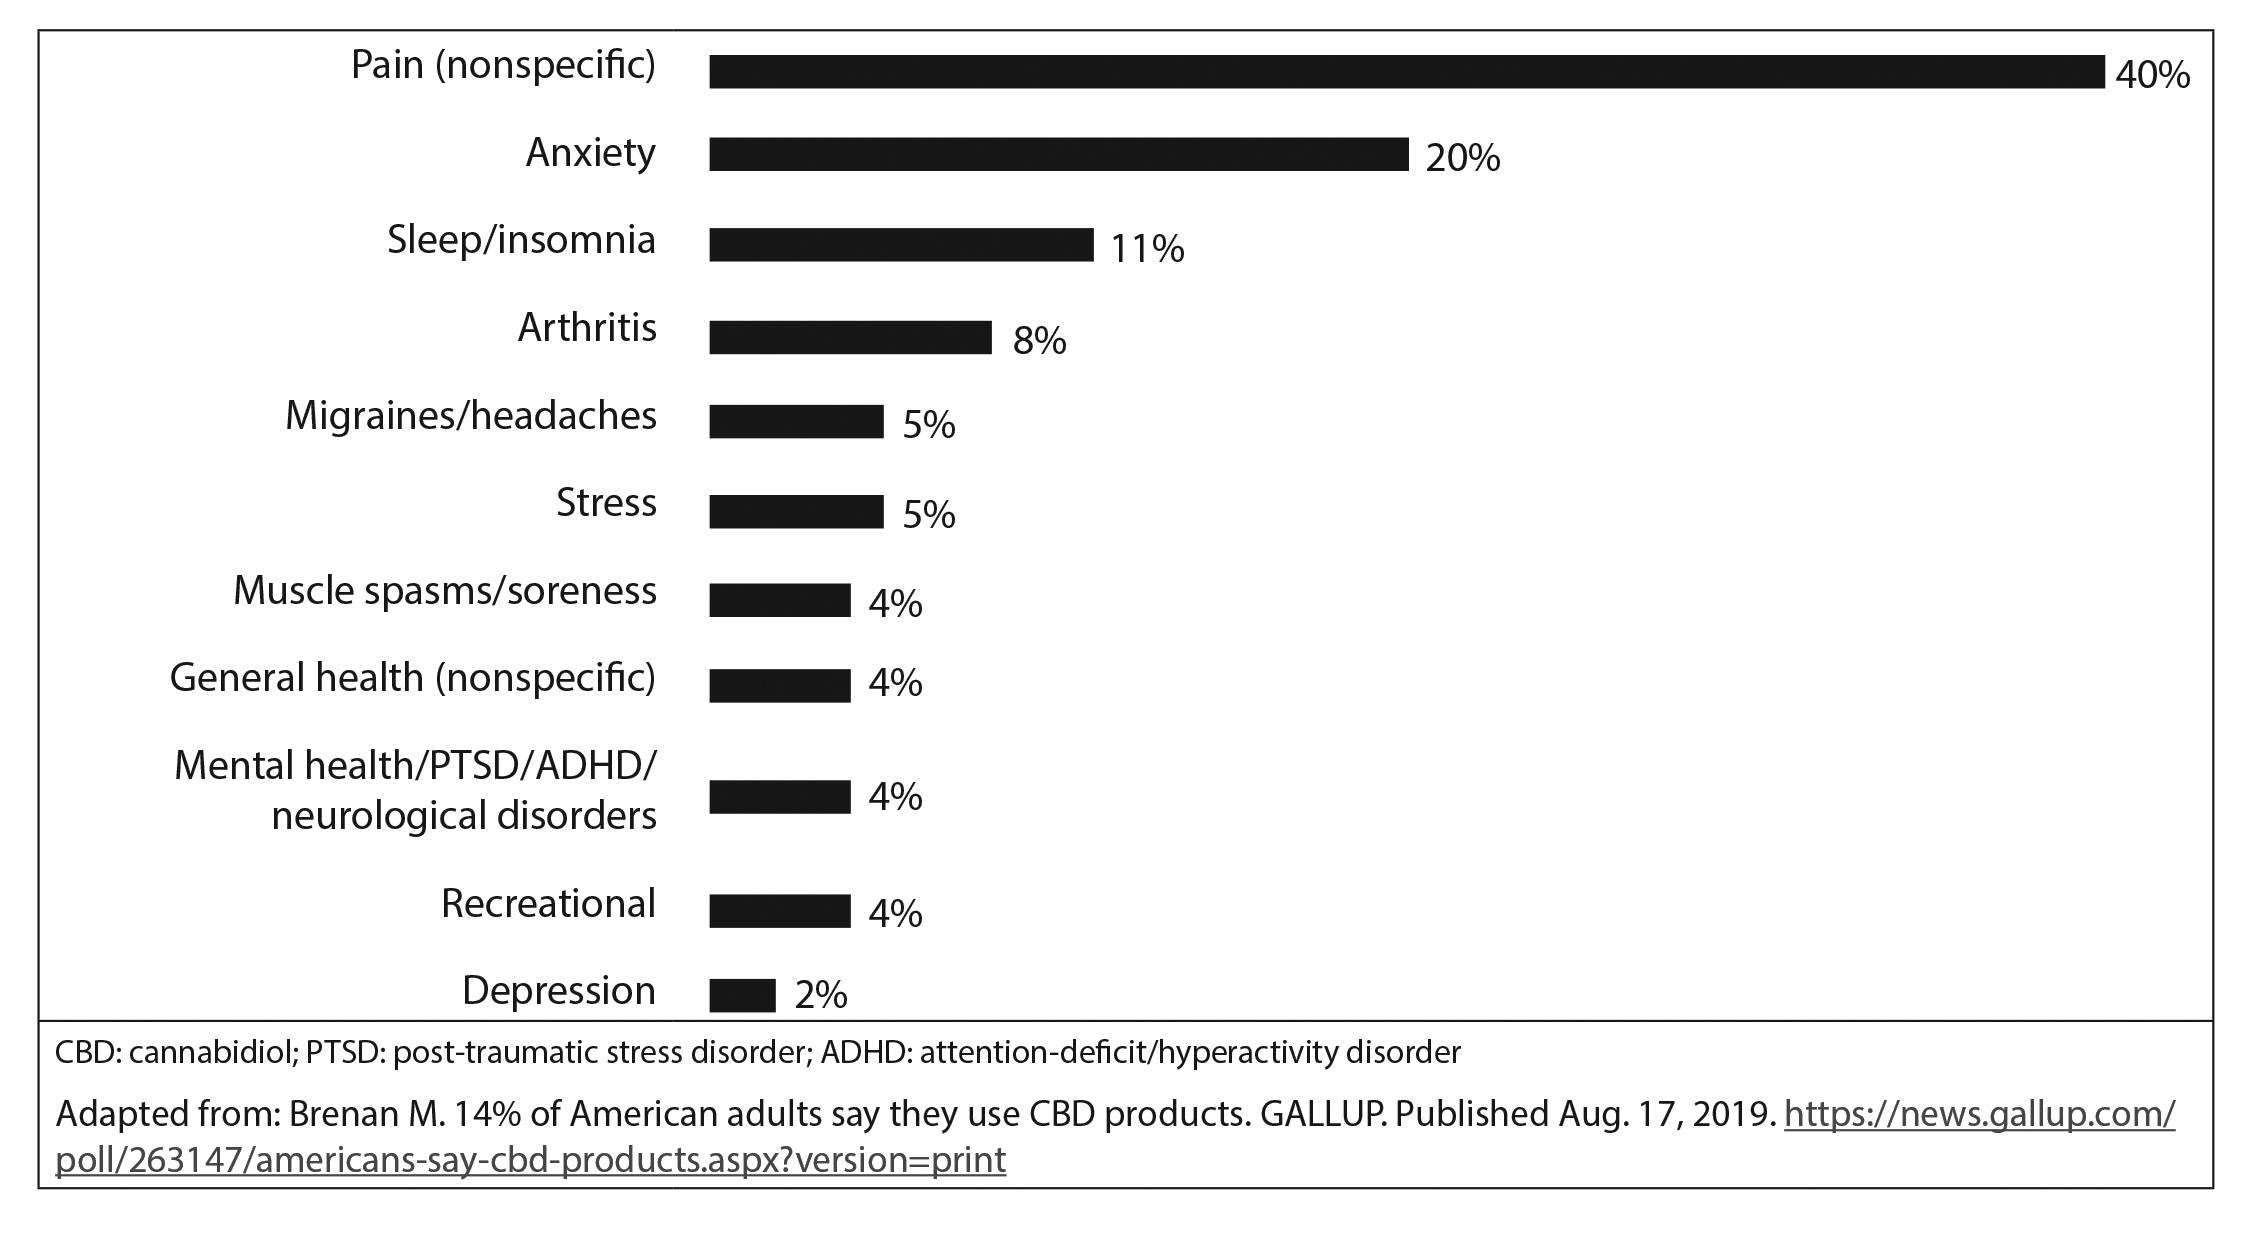 CBD use chart